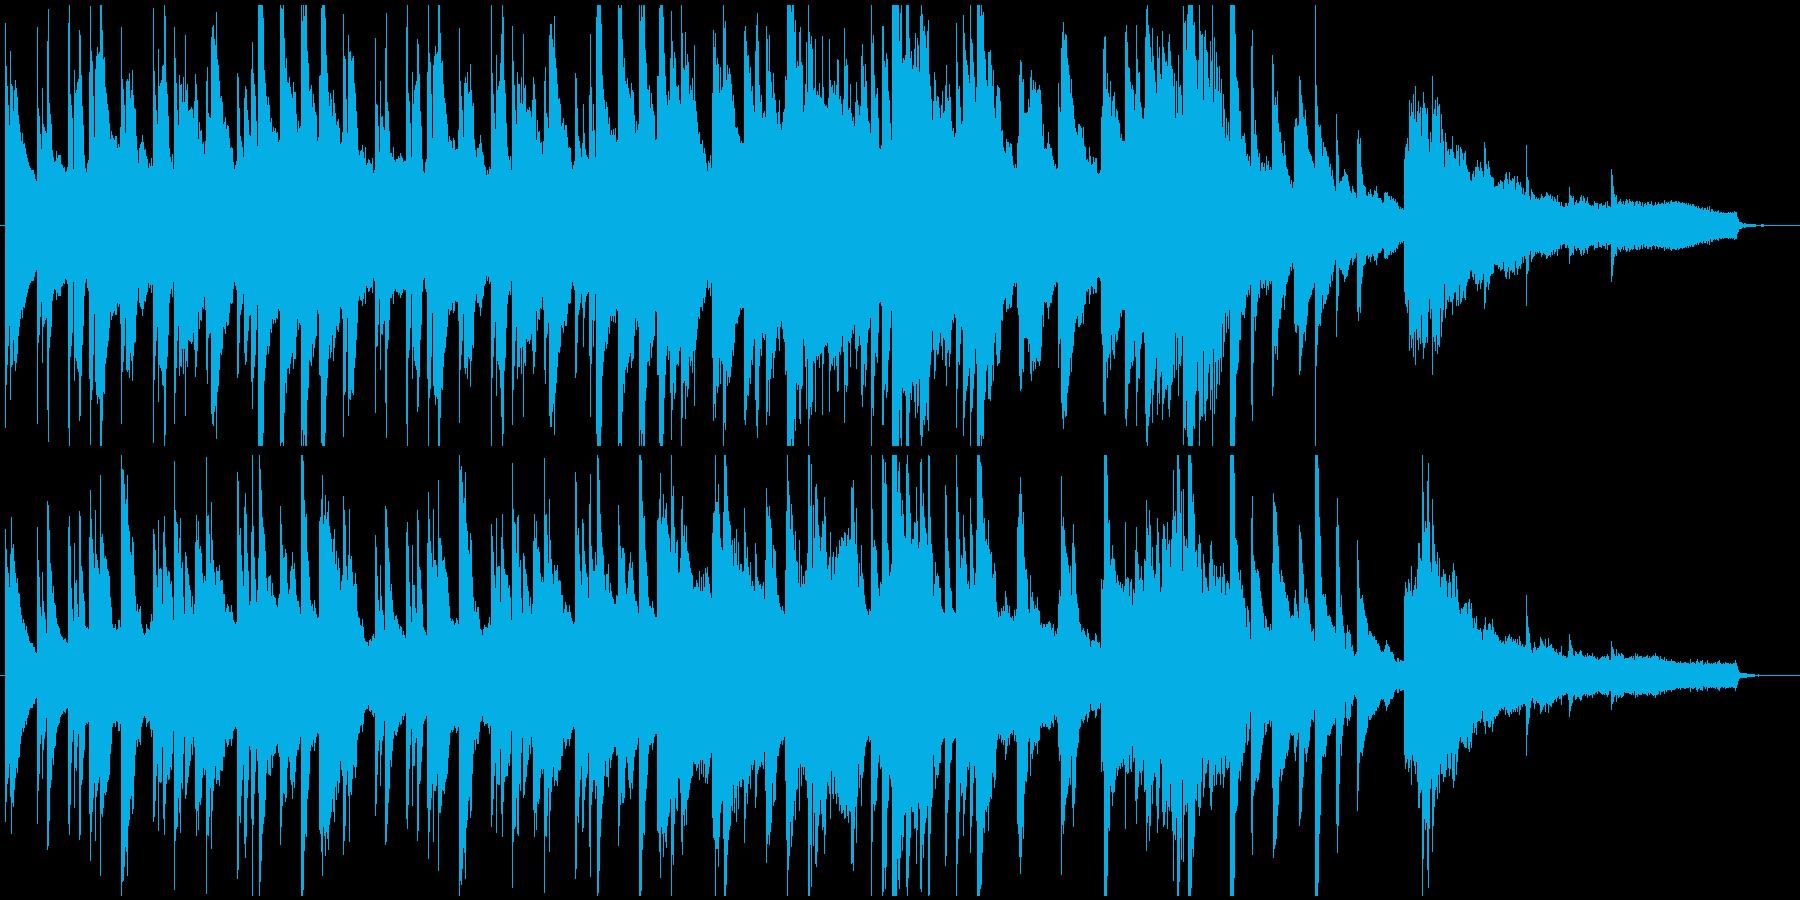 静けさと不思議さのあるピアノ楽曲の再生済みの波形